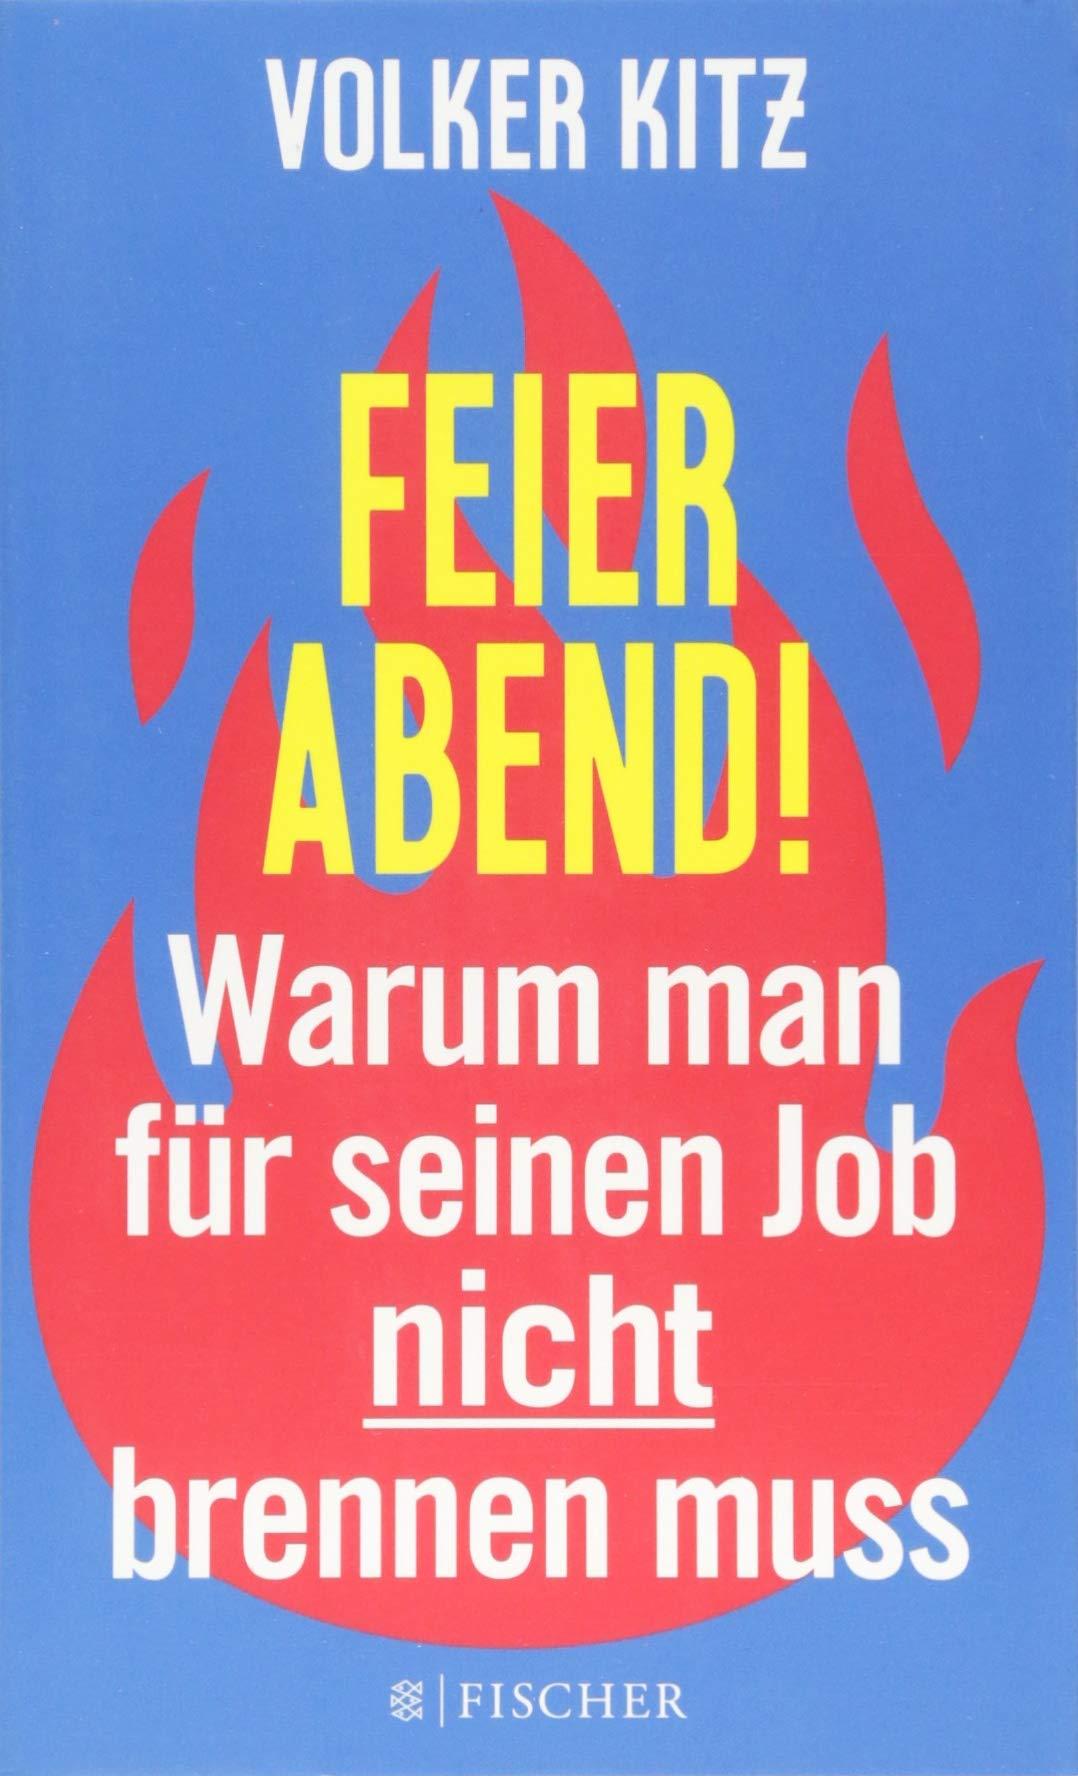 Auf dem Jobportal in Stuttgart von Stellenwerk finden Sie viele Jobangebote fГјr Studierende und Absolventen sowie hochschulinterne und private.